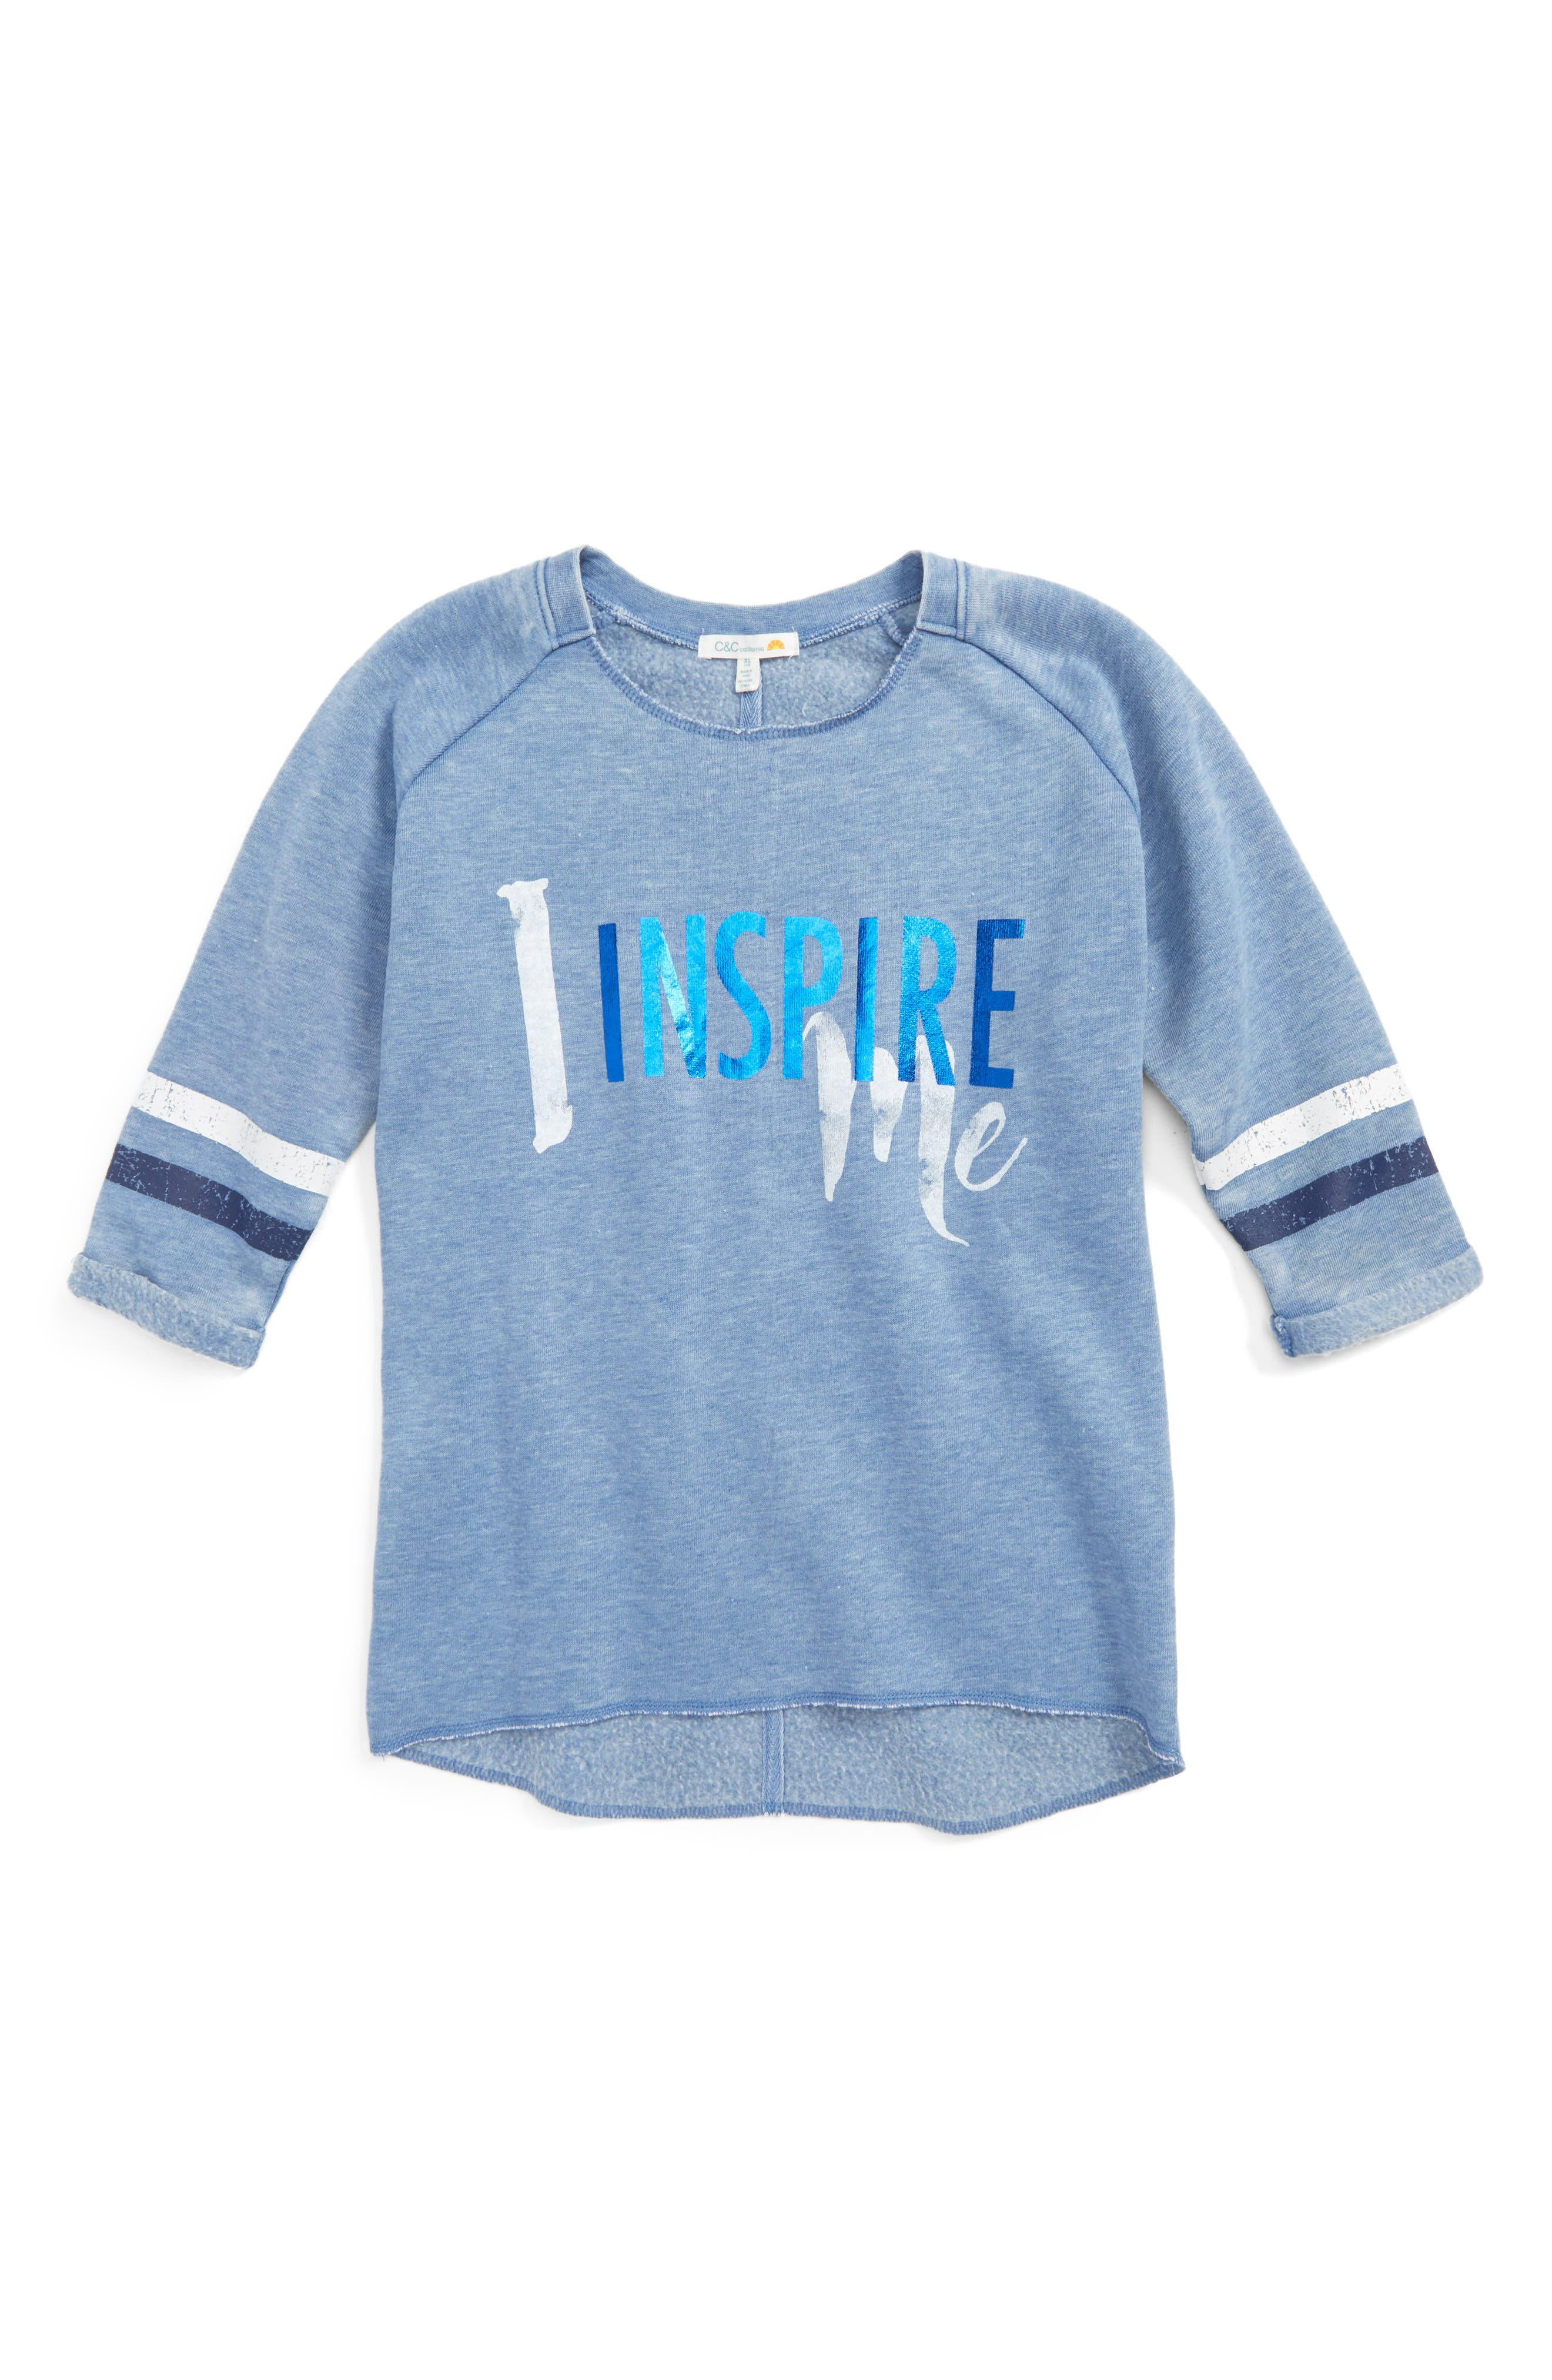 Main Image - C & C California Inspire Me Sweatshirt Tee (Big Girls)